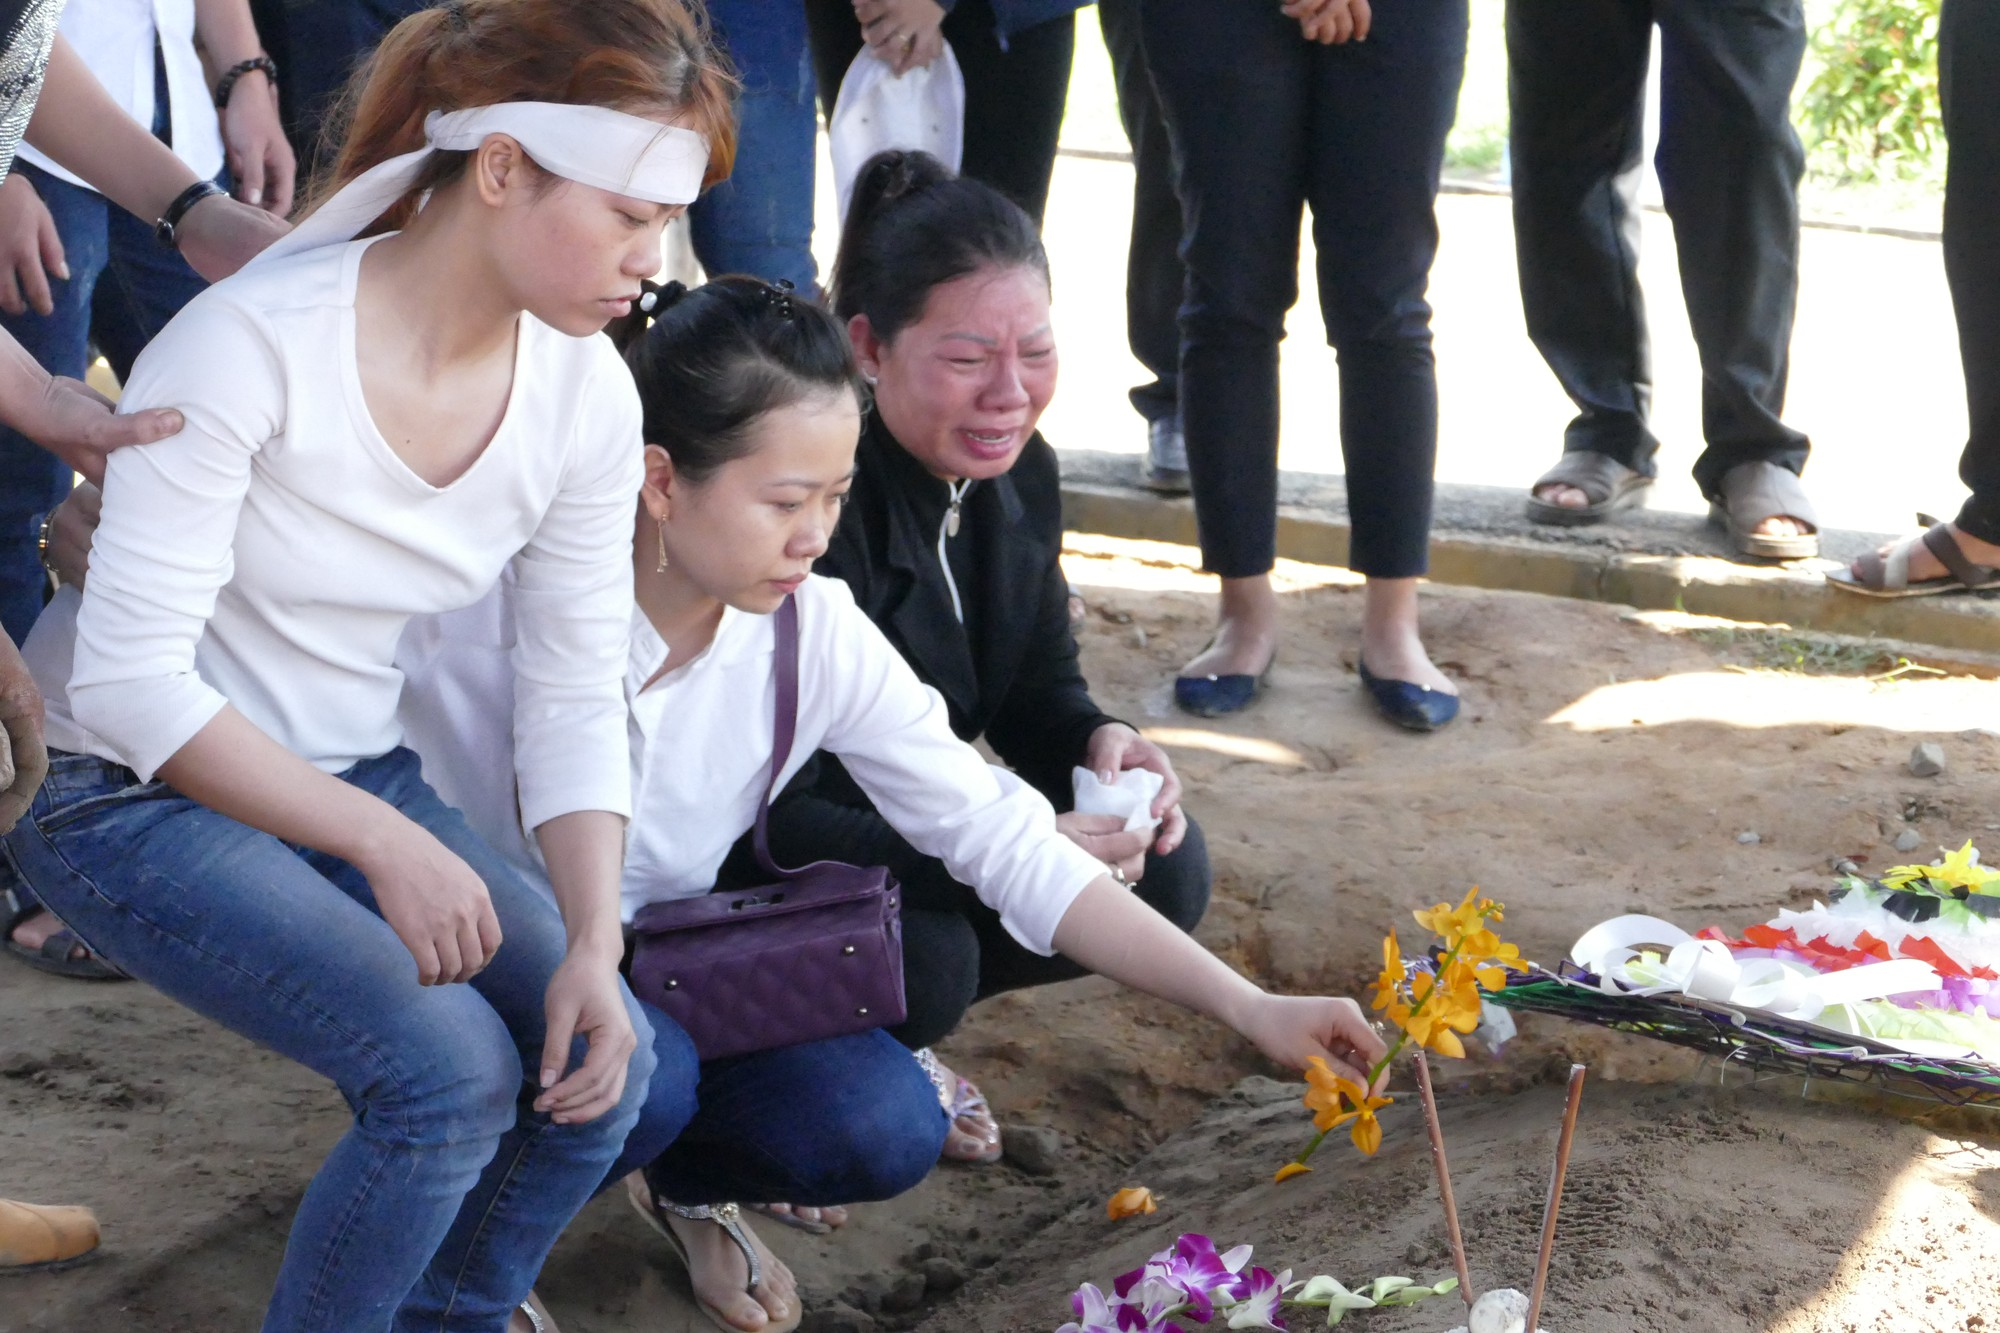 Người vợ chưa kịp mặc áo cưới của hiệp sĩ bị đâm tử vong ở Sài Gòn khóc nghẹn trong lễ tang chồng  - Ảnh 12.